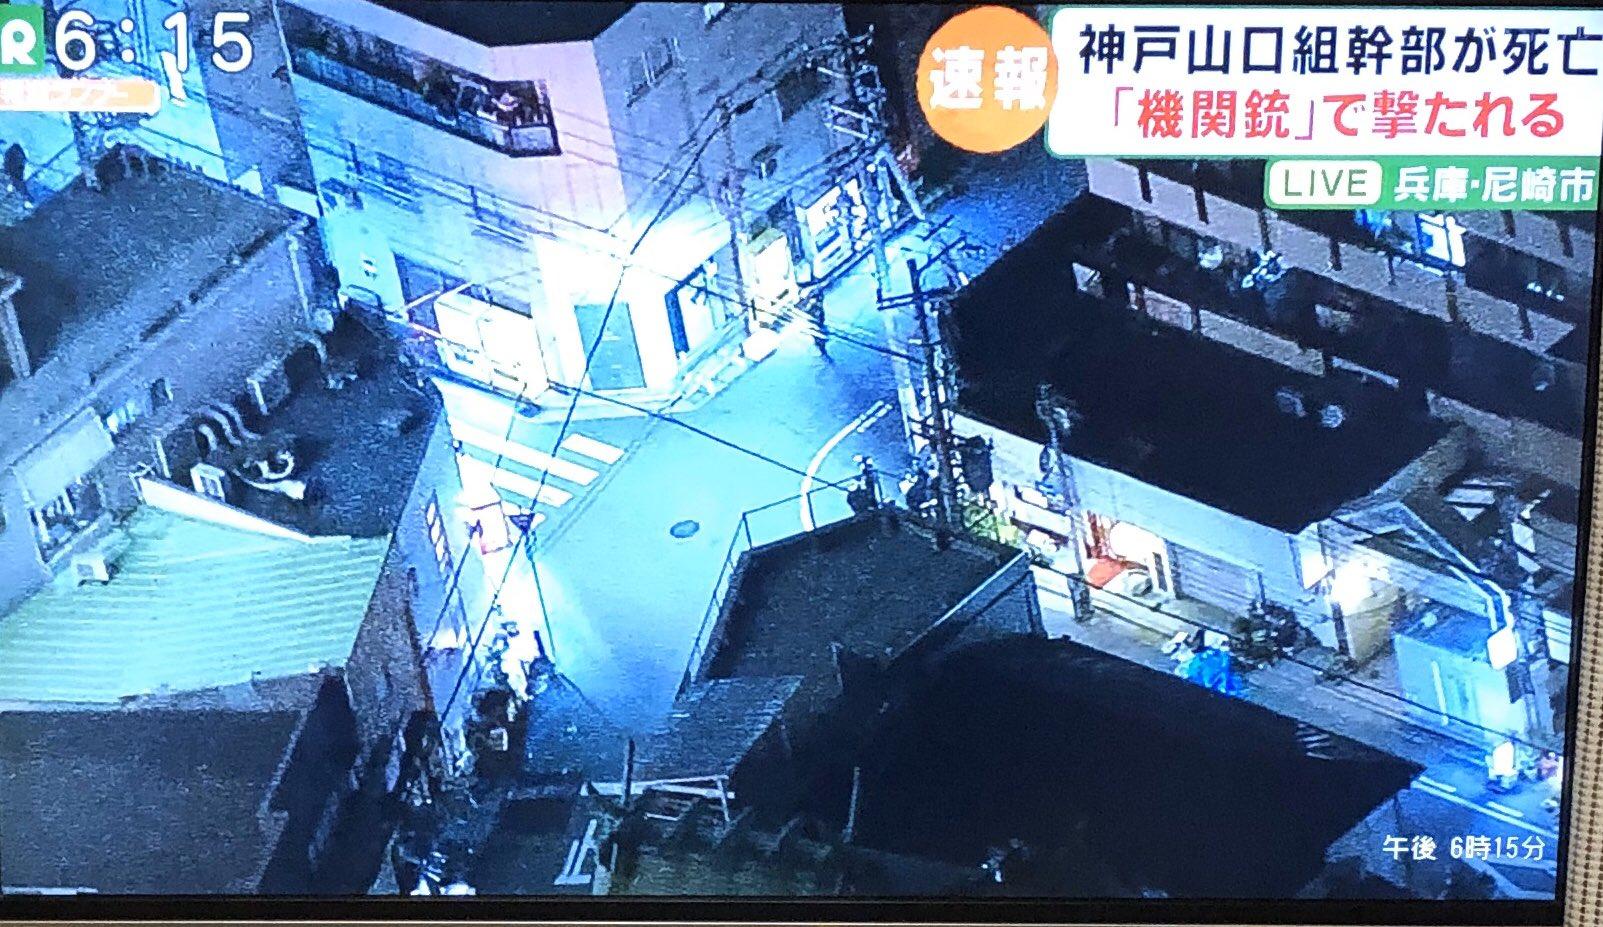 尼崎市の機関銃乱射事件のニュースの画像